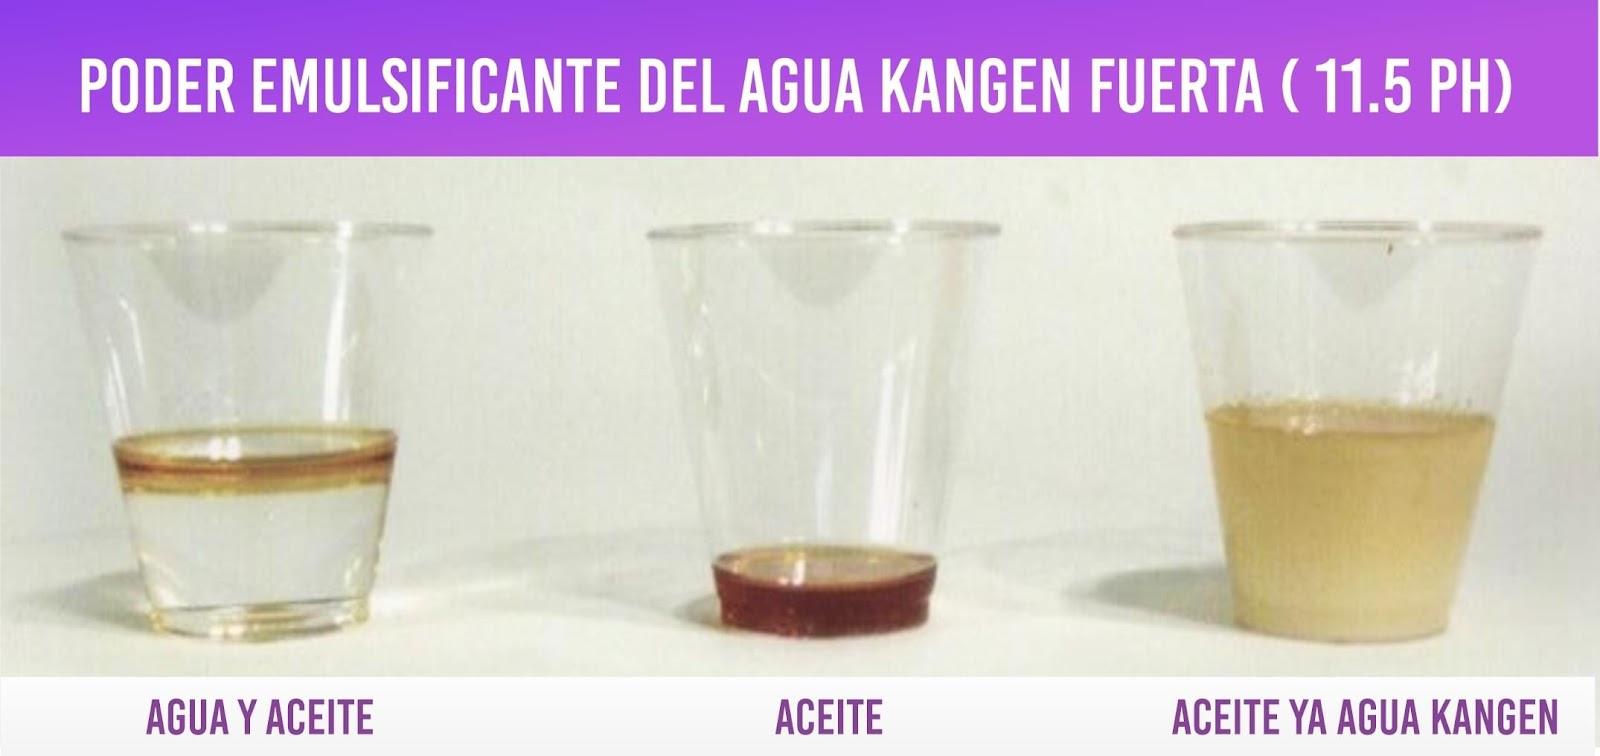 propiedades saludables del agua kangen